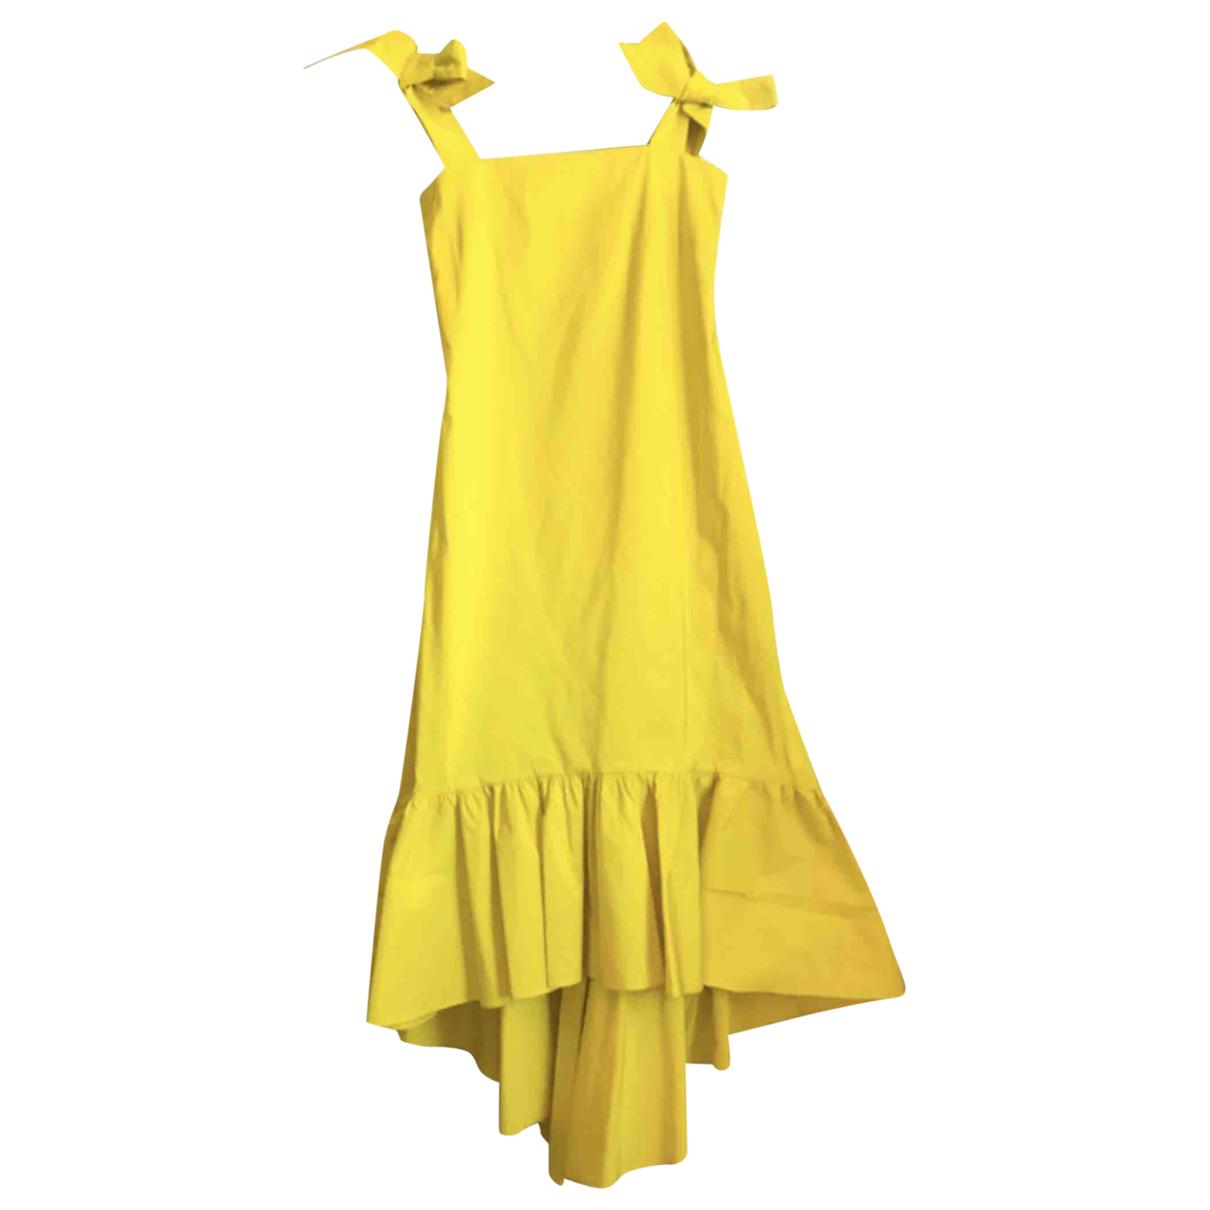 Coosy \N Kleid in  Gelb Polyester